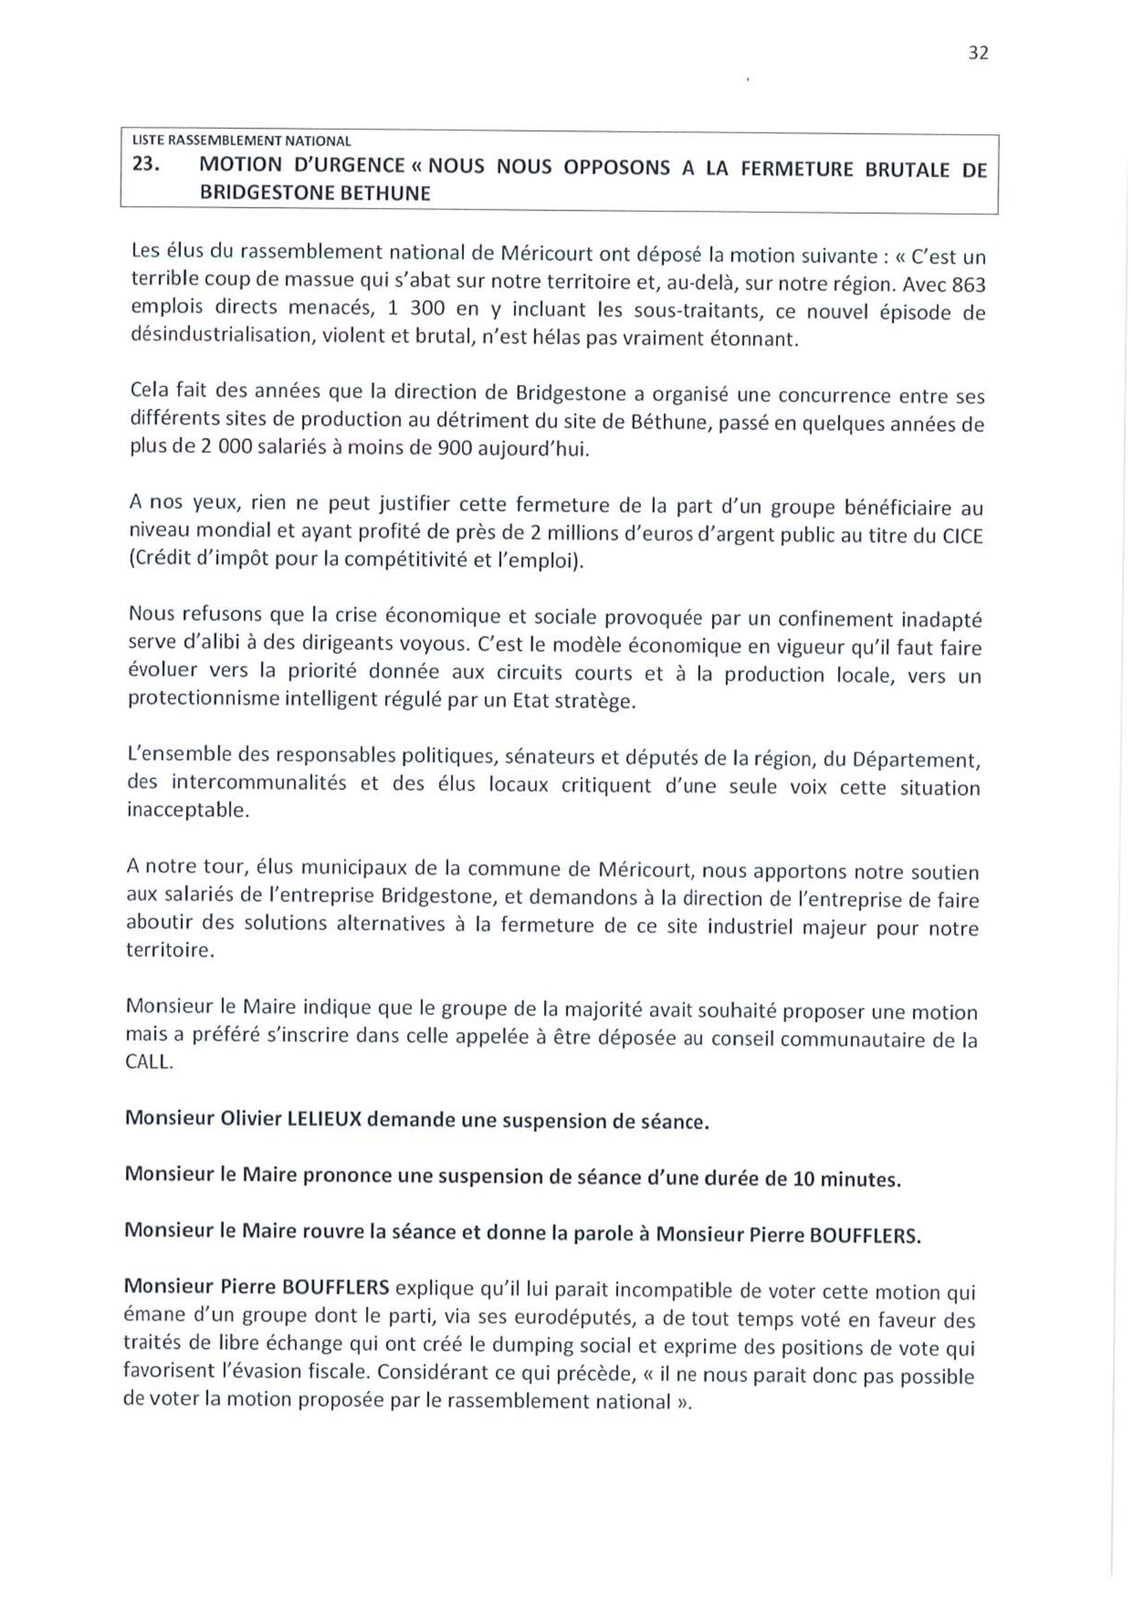 Conseil municipal de Méricourt du 23 septembre 2020 : le compte-rendu officiel est en ligne